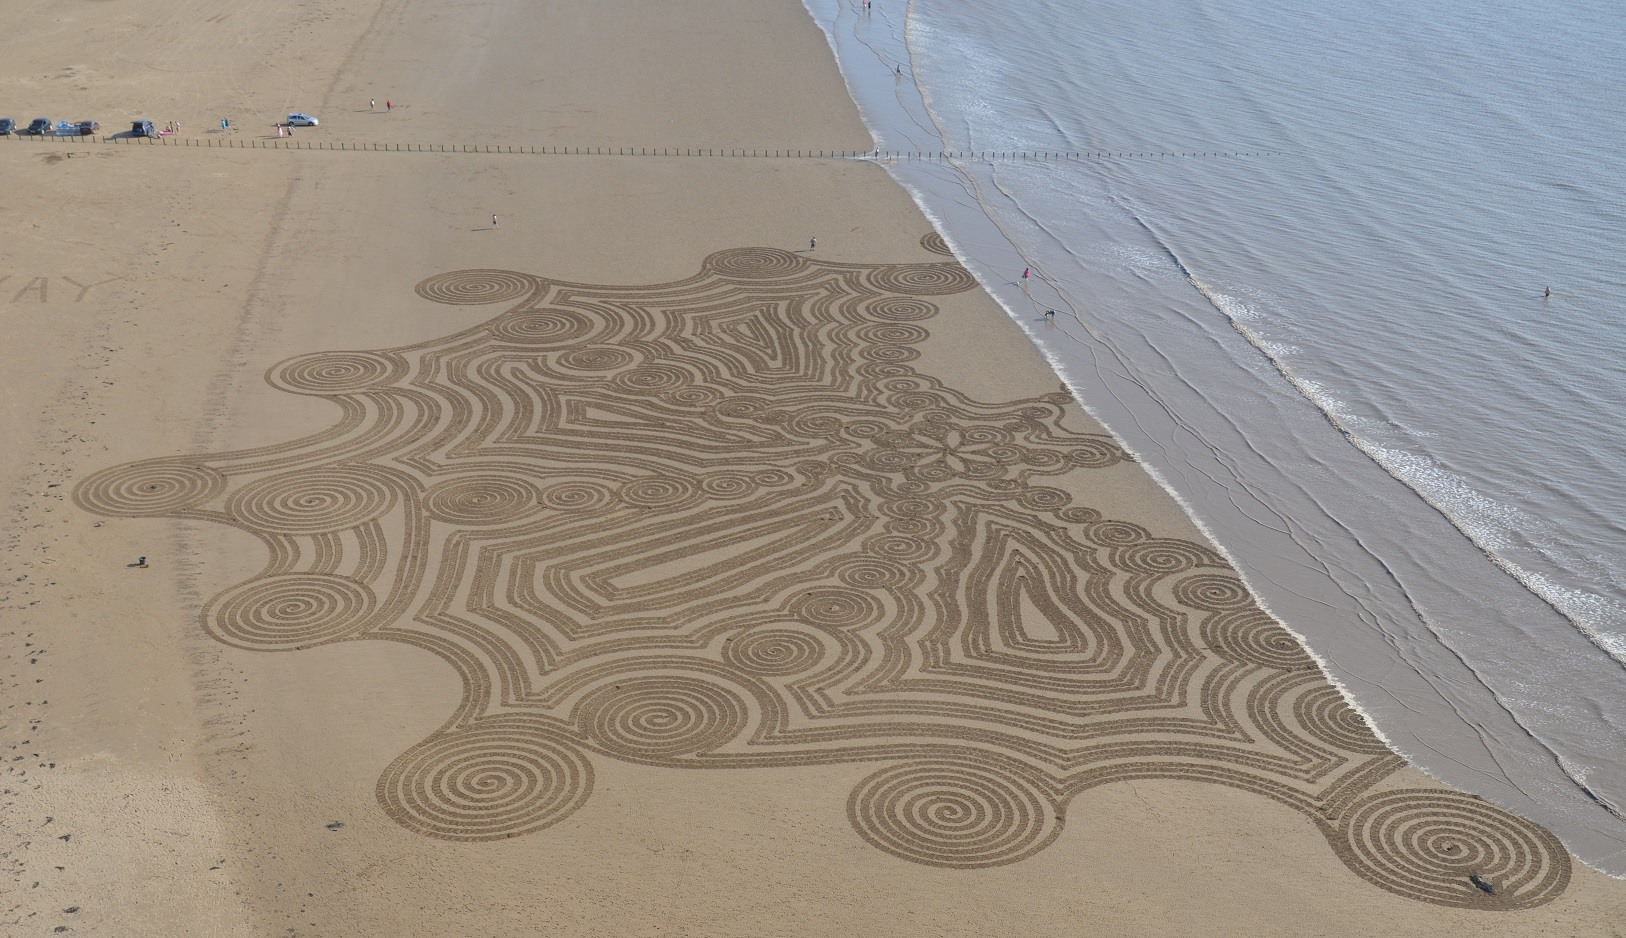 Simon-Beck-Art-LSD-Meets-The-Sea.jpg